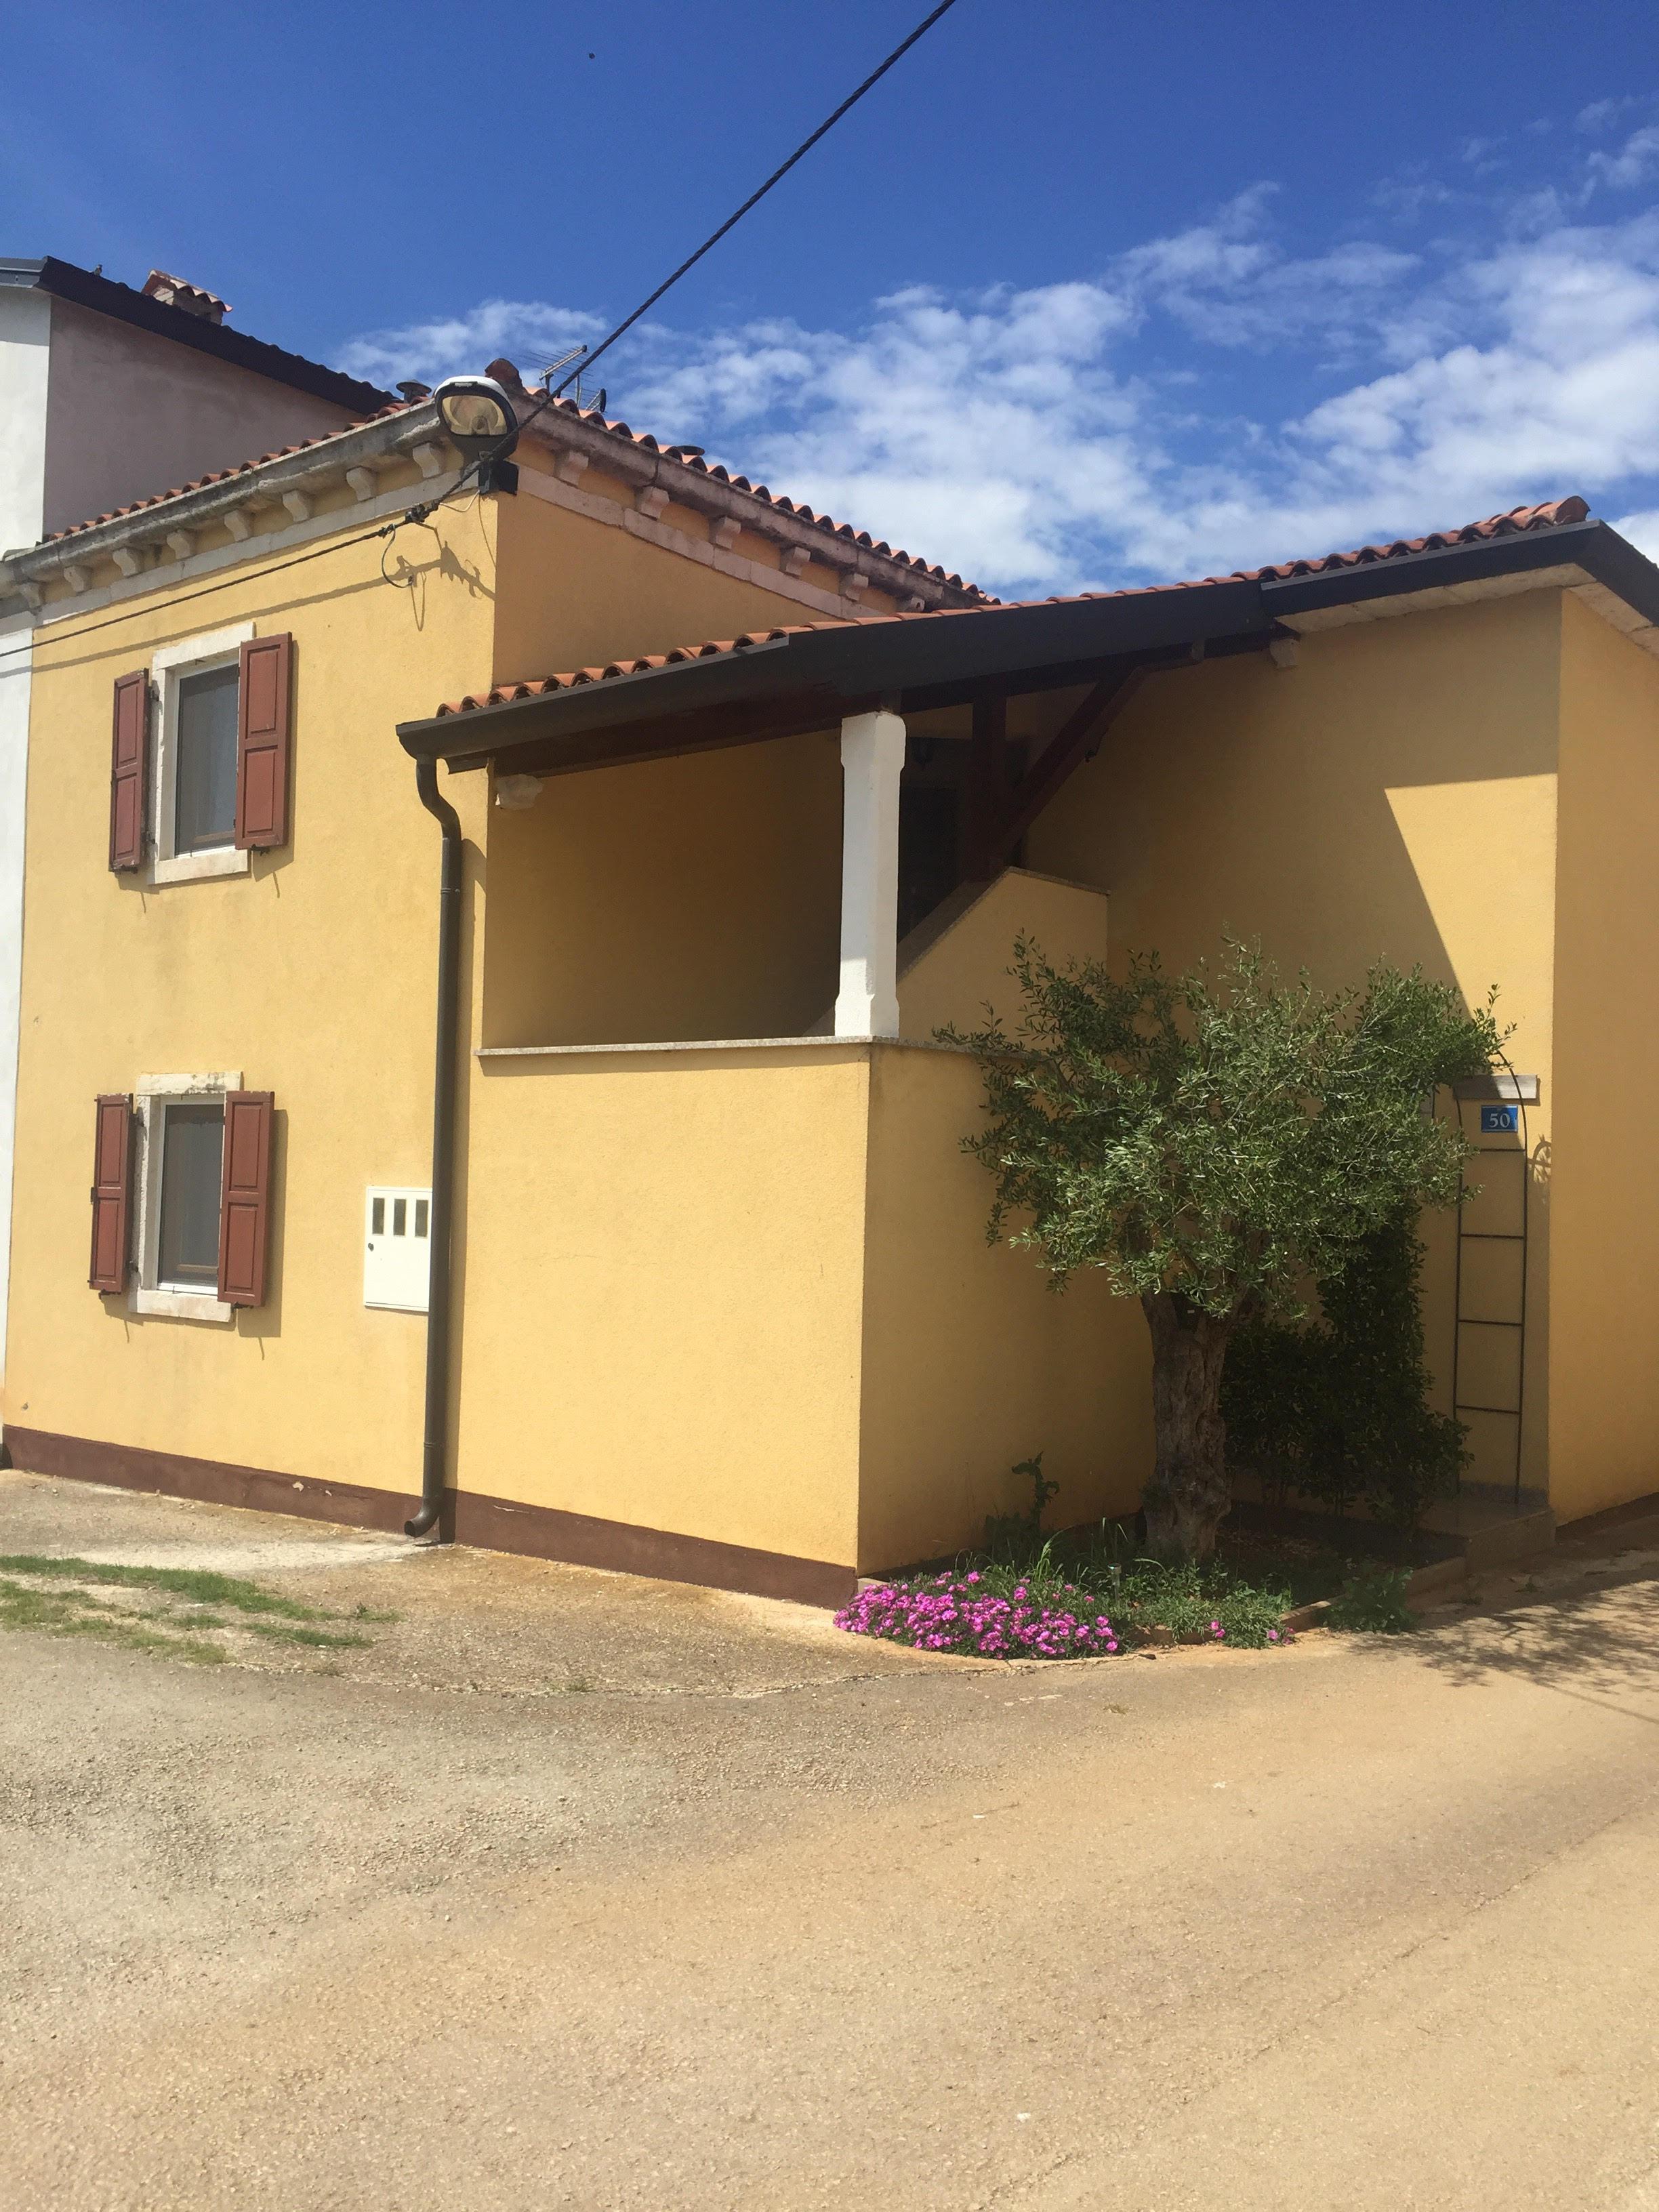 Ponuda smjestaja, Apartmani  - Sobe Fabac, Umag, Istra